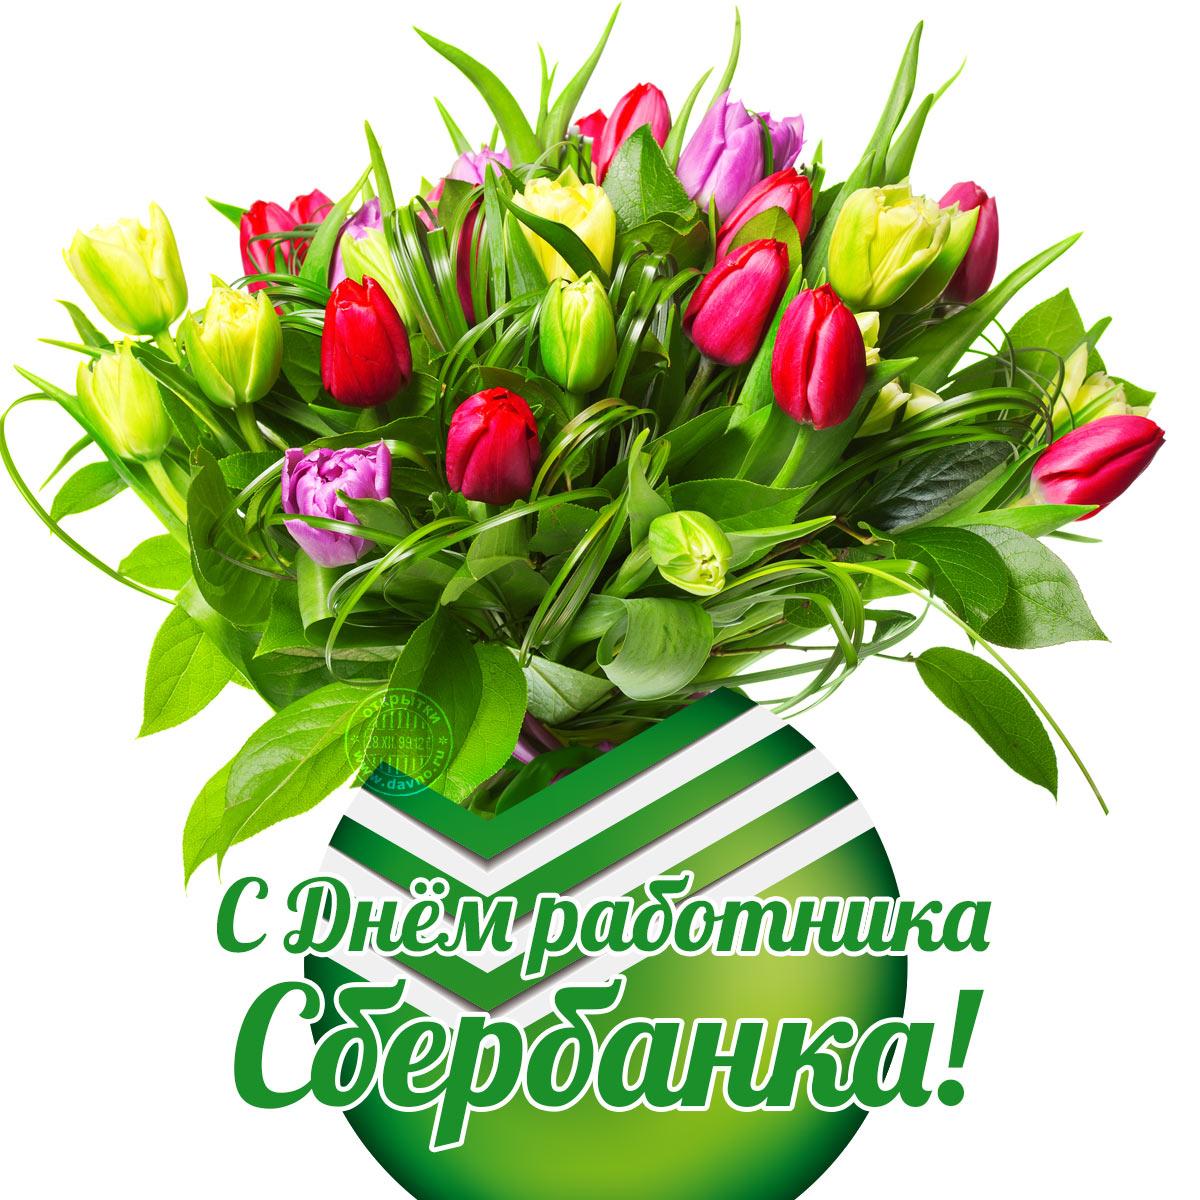 ношение маски день работников сбербанка россии поздравления прикольные вместе